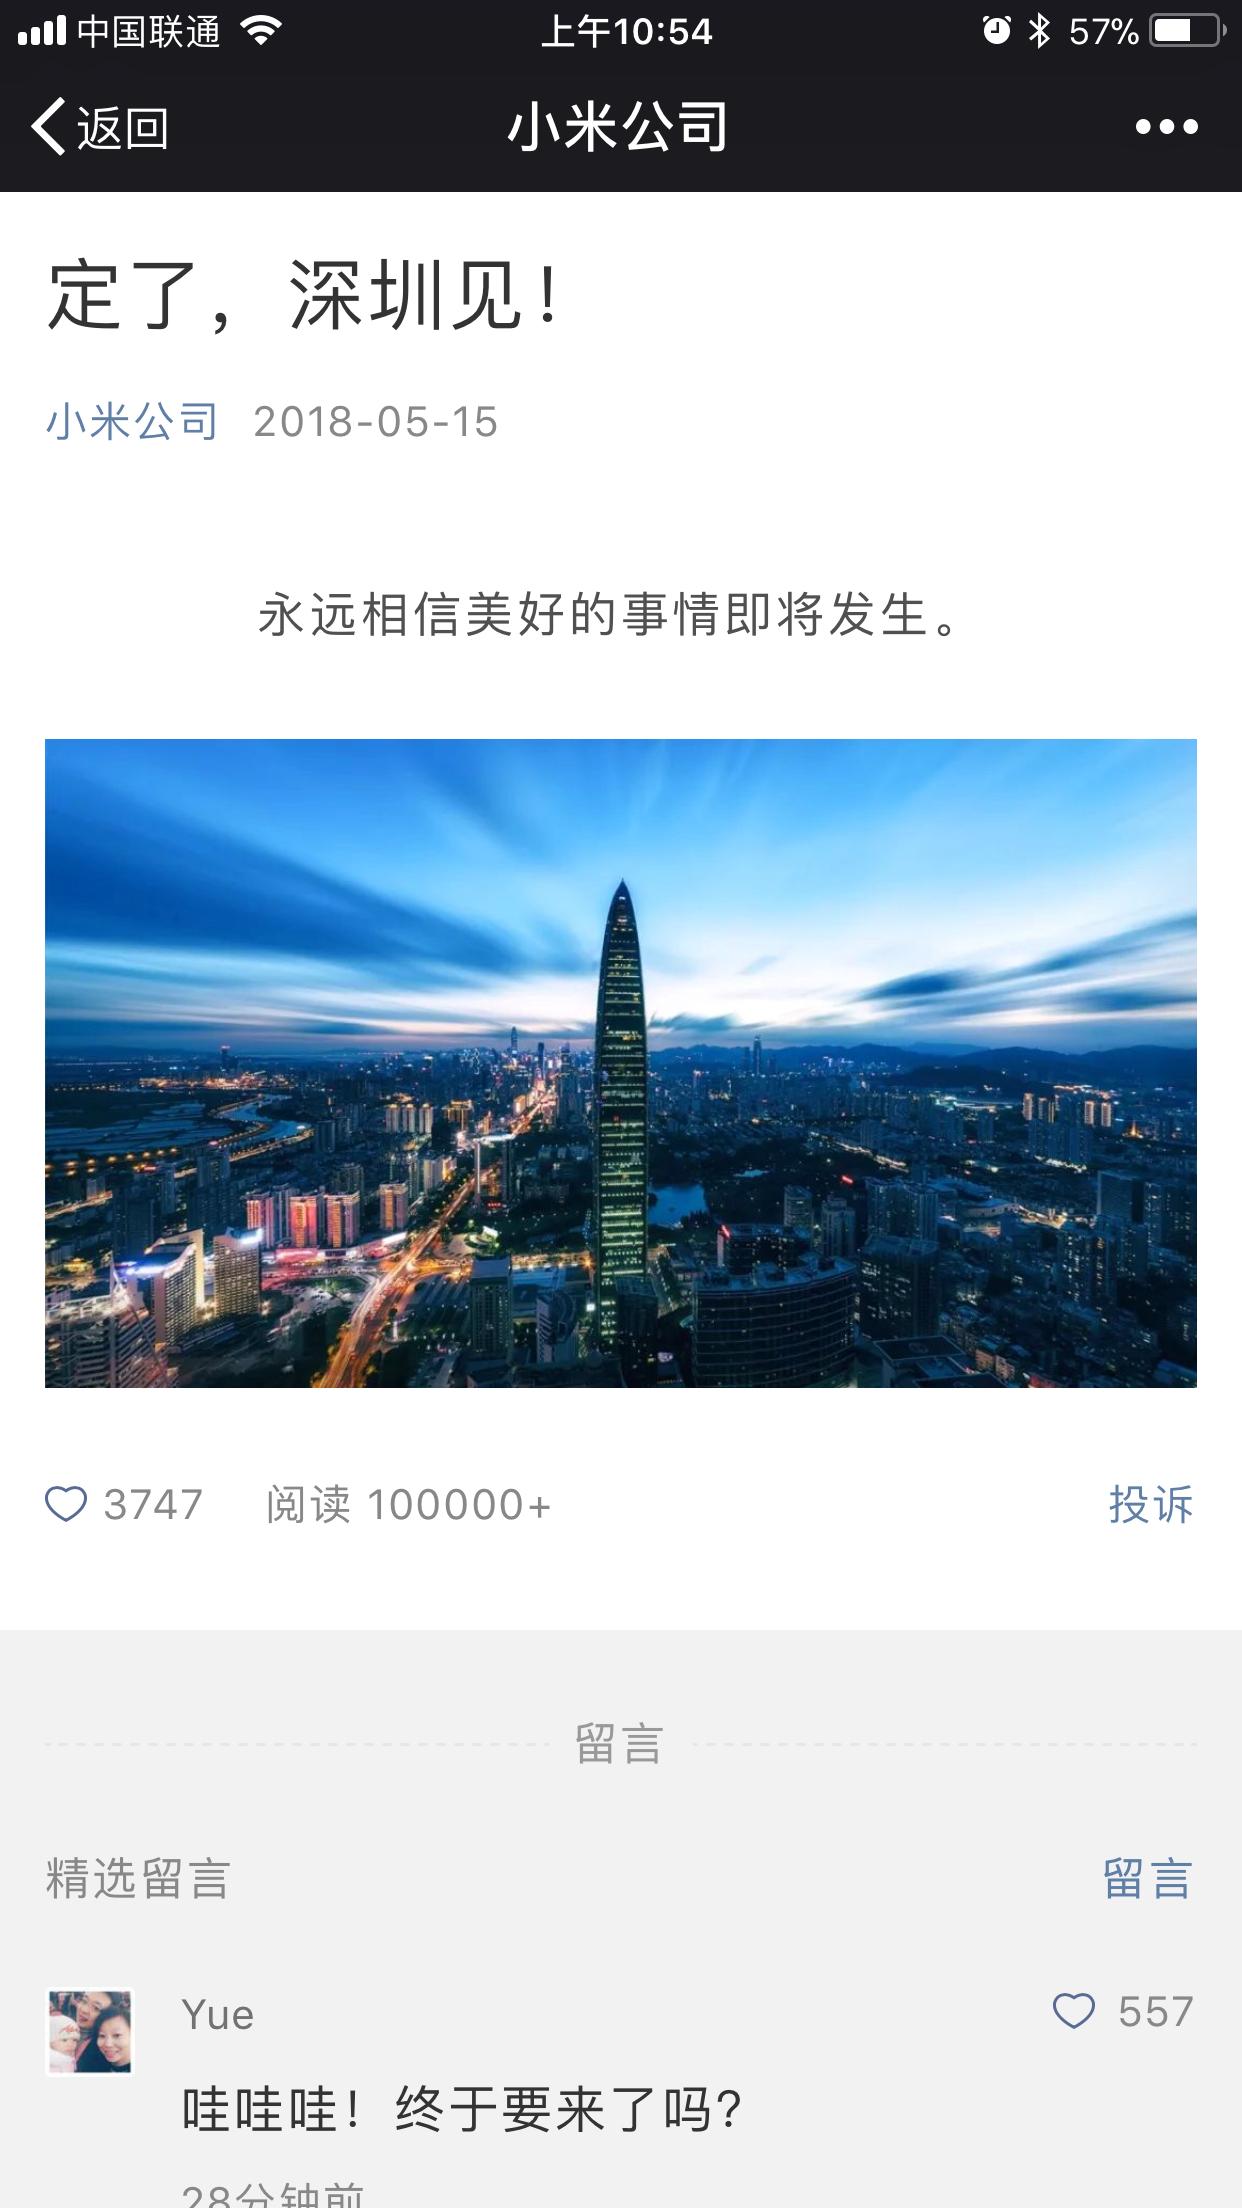 小米7/8要来了?小米官方微信放出重磅消息:将在深圳开发布会